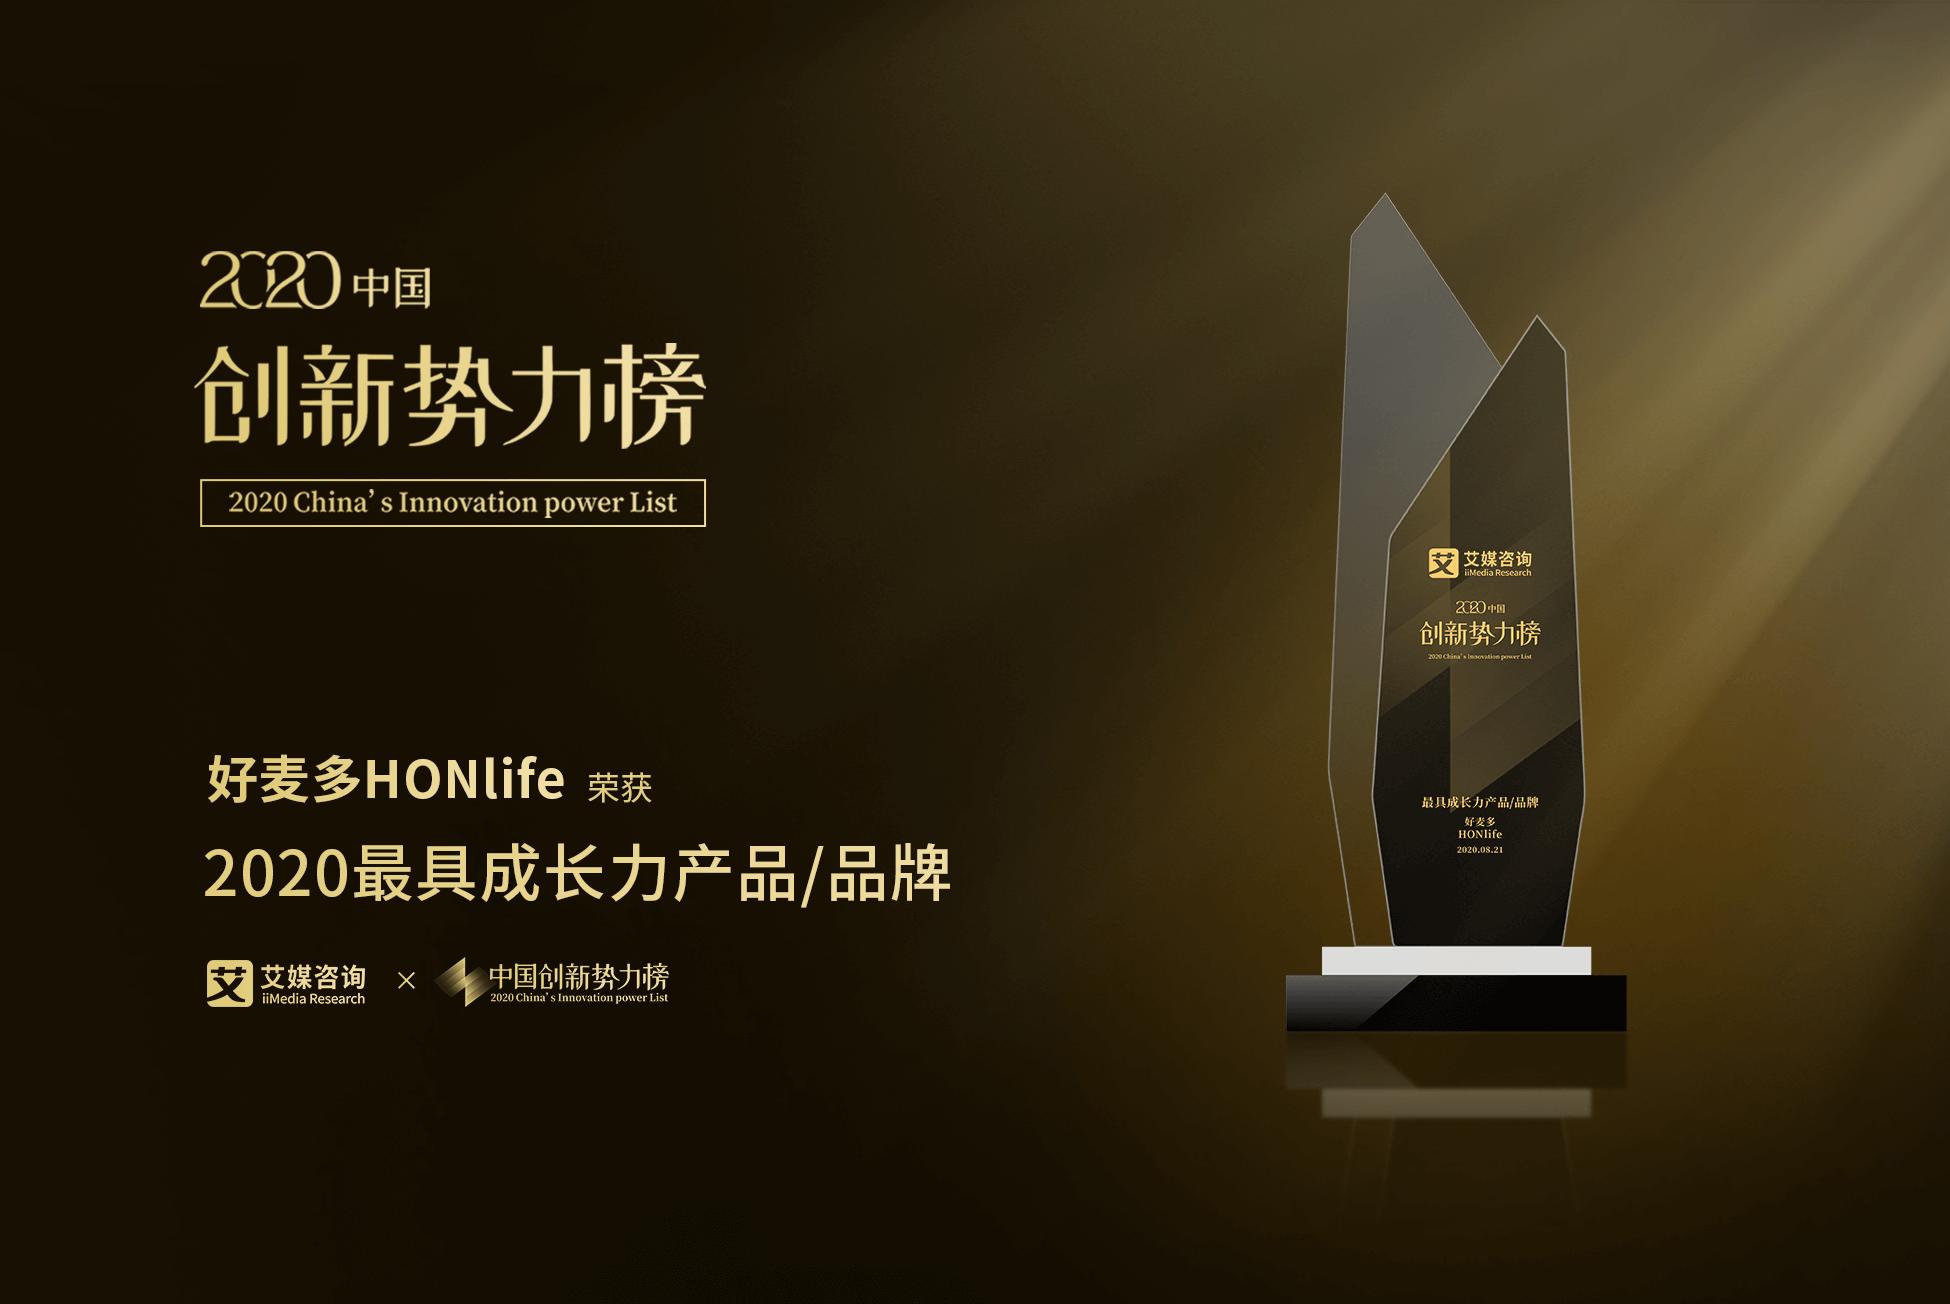 """好麦多HONlife荣获2020中国创新势力榜""""最具成长力产品/品牌""""大奖"""